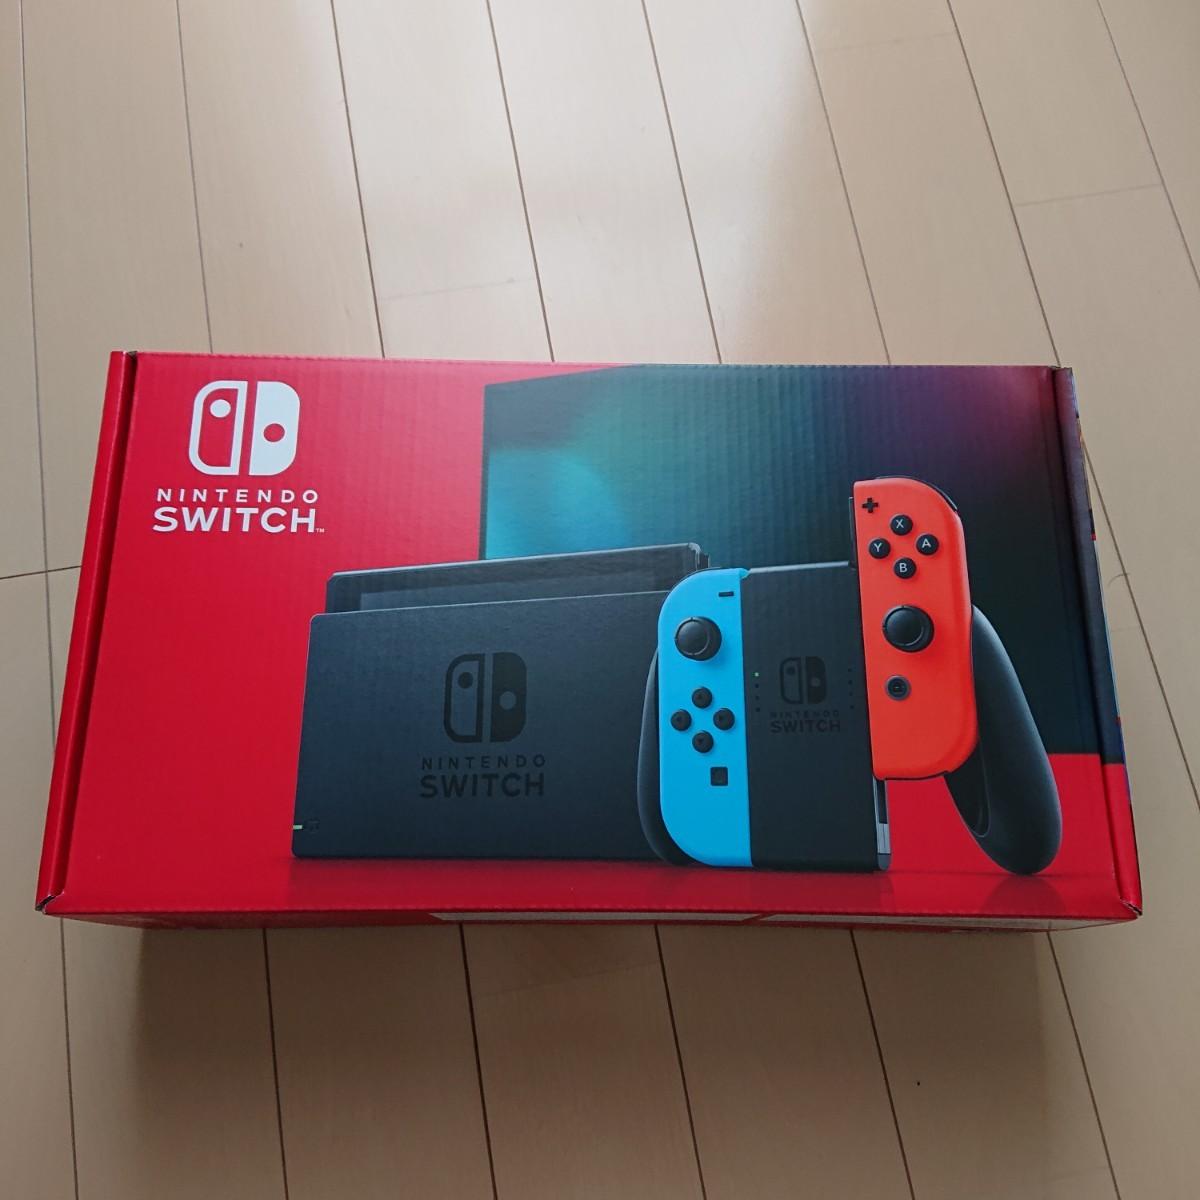 ネオンブルー Nintendo Switch ネオンレッド ニンテンドースイッチ本体 ニンテンドースイッチ 任天堂スイッチ